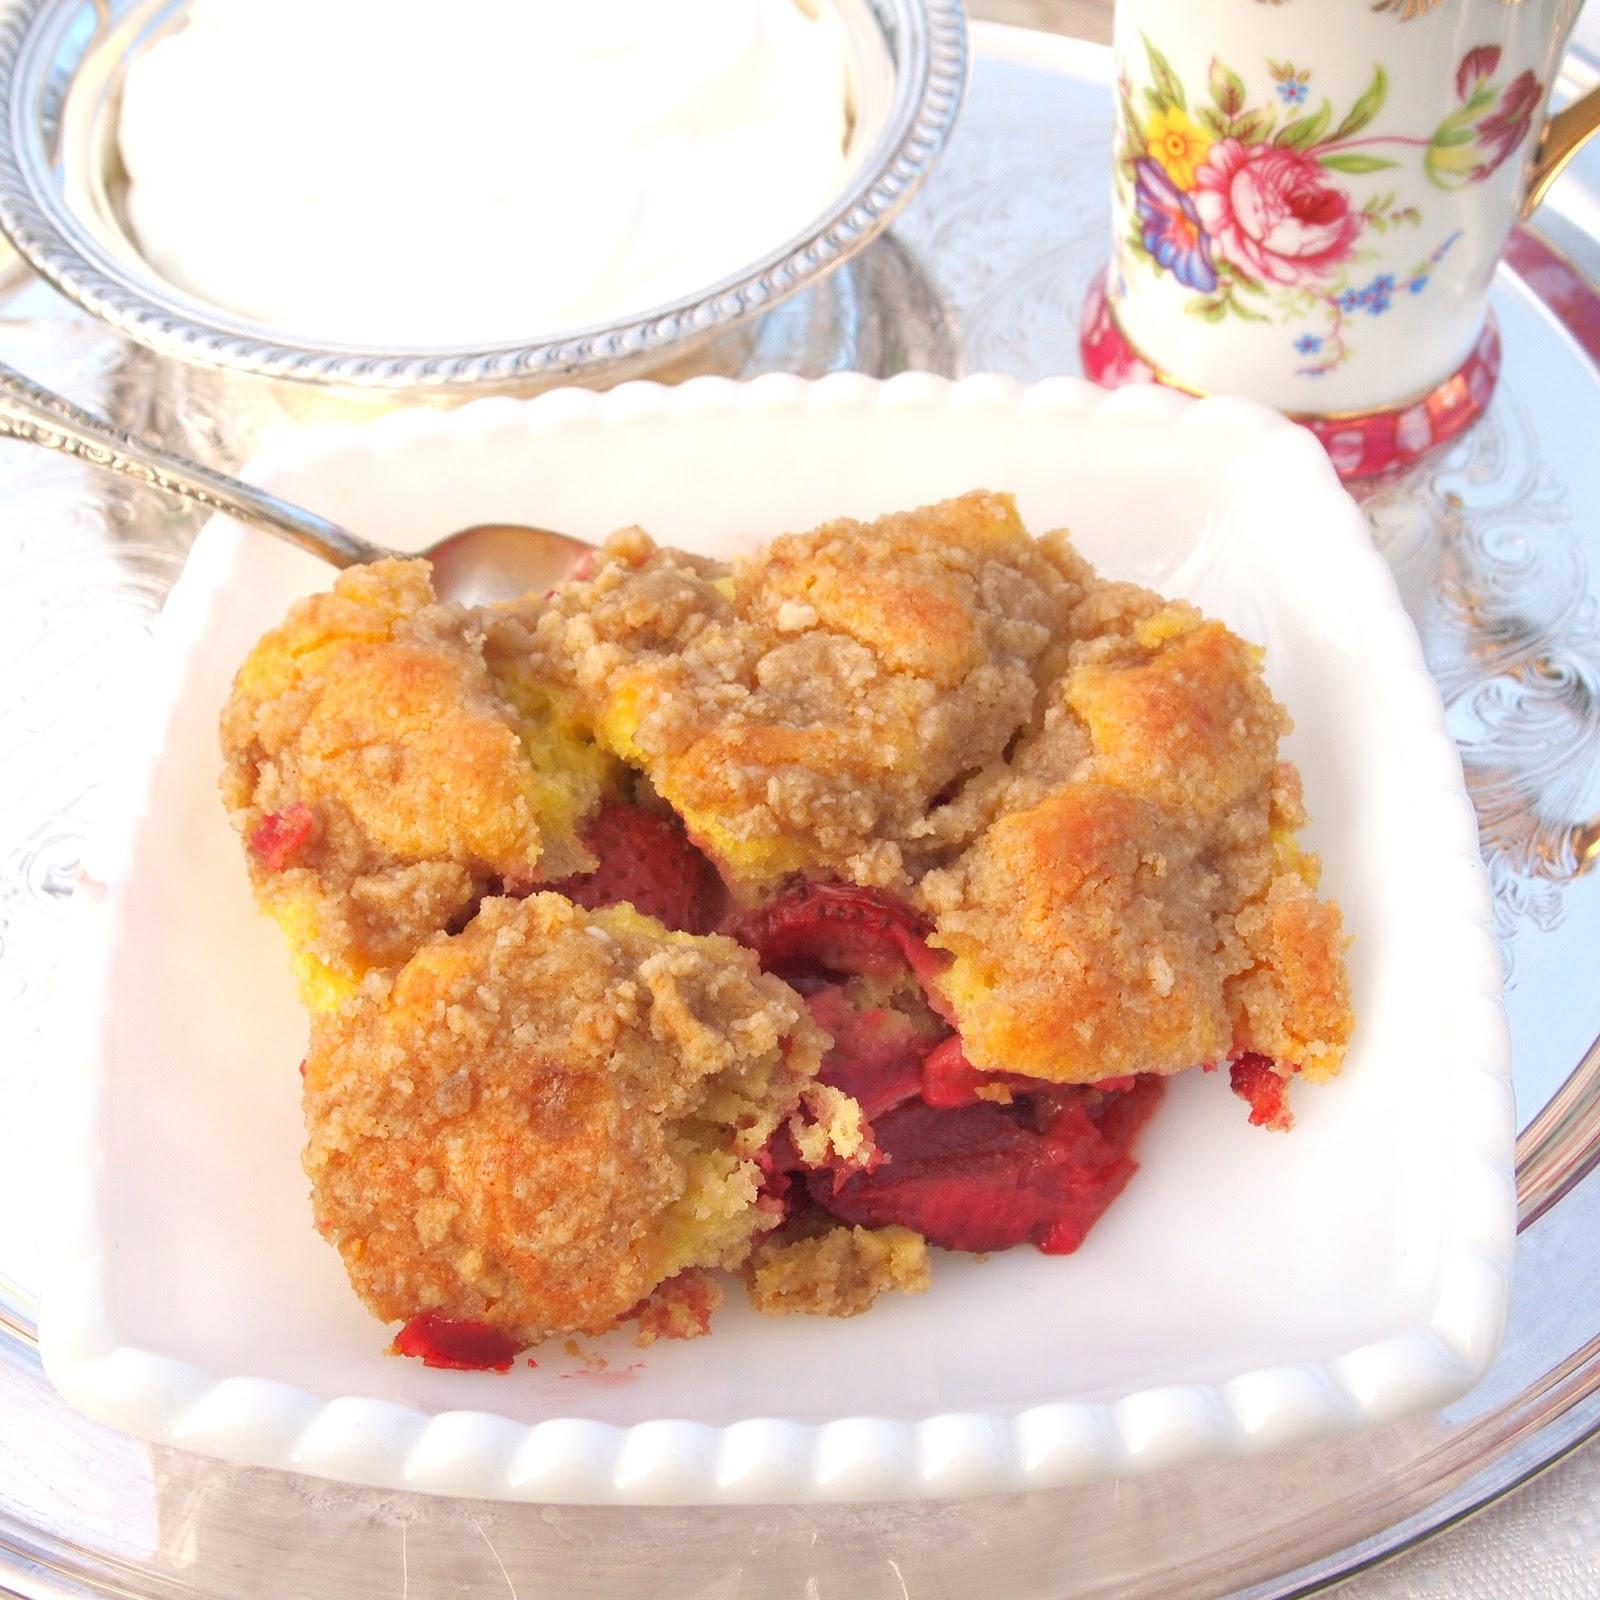 http://4.bp.blogspot.com/-30XxQDwnwnA/T6Bl93EMycI/AAAAAAAABKw/B5aOWvvLyA0/s1600/a+cake+1.JPG